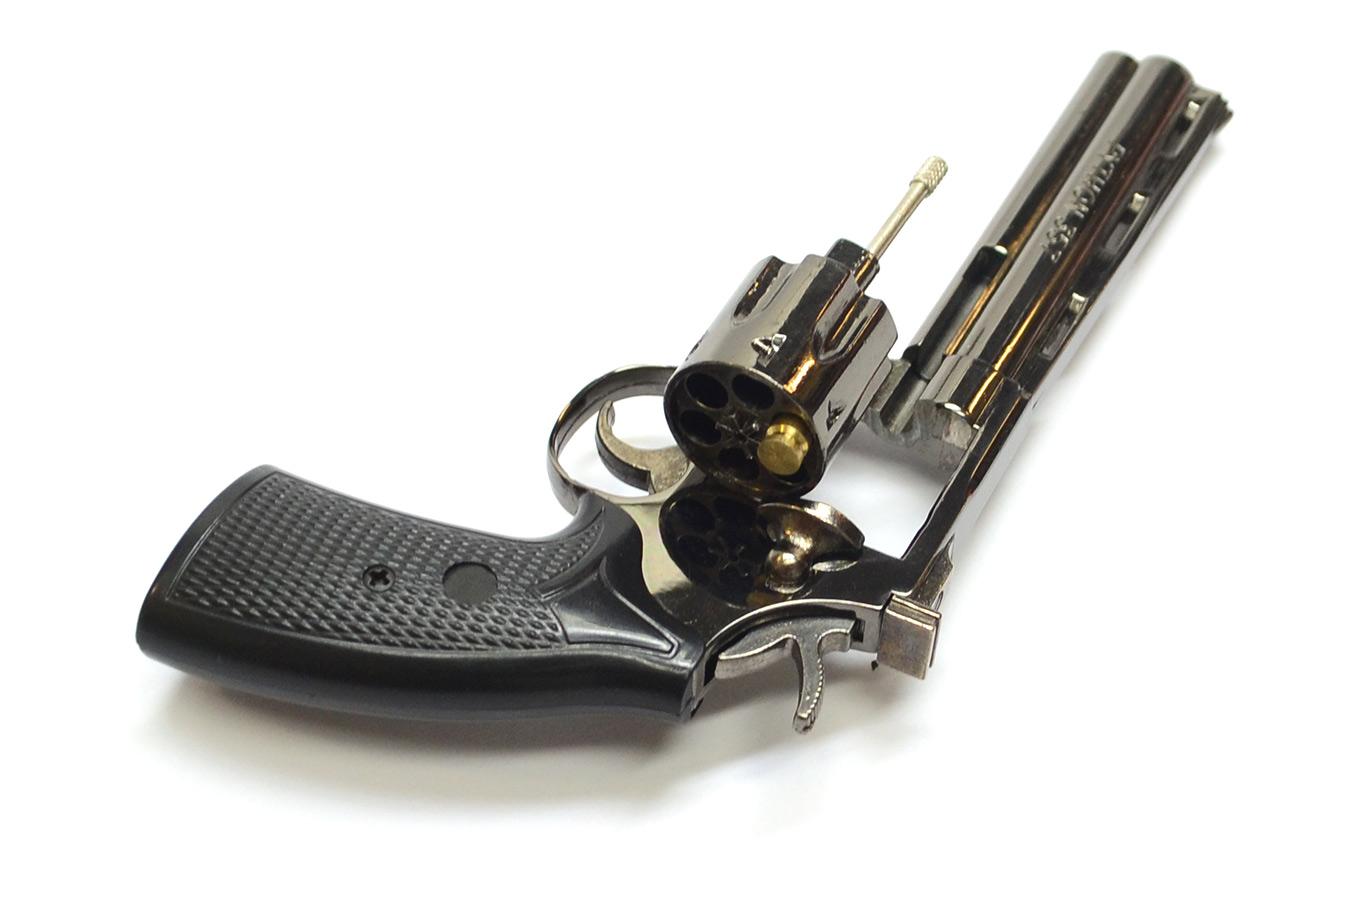 Colt Python с 152 мм стволом изображение 2